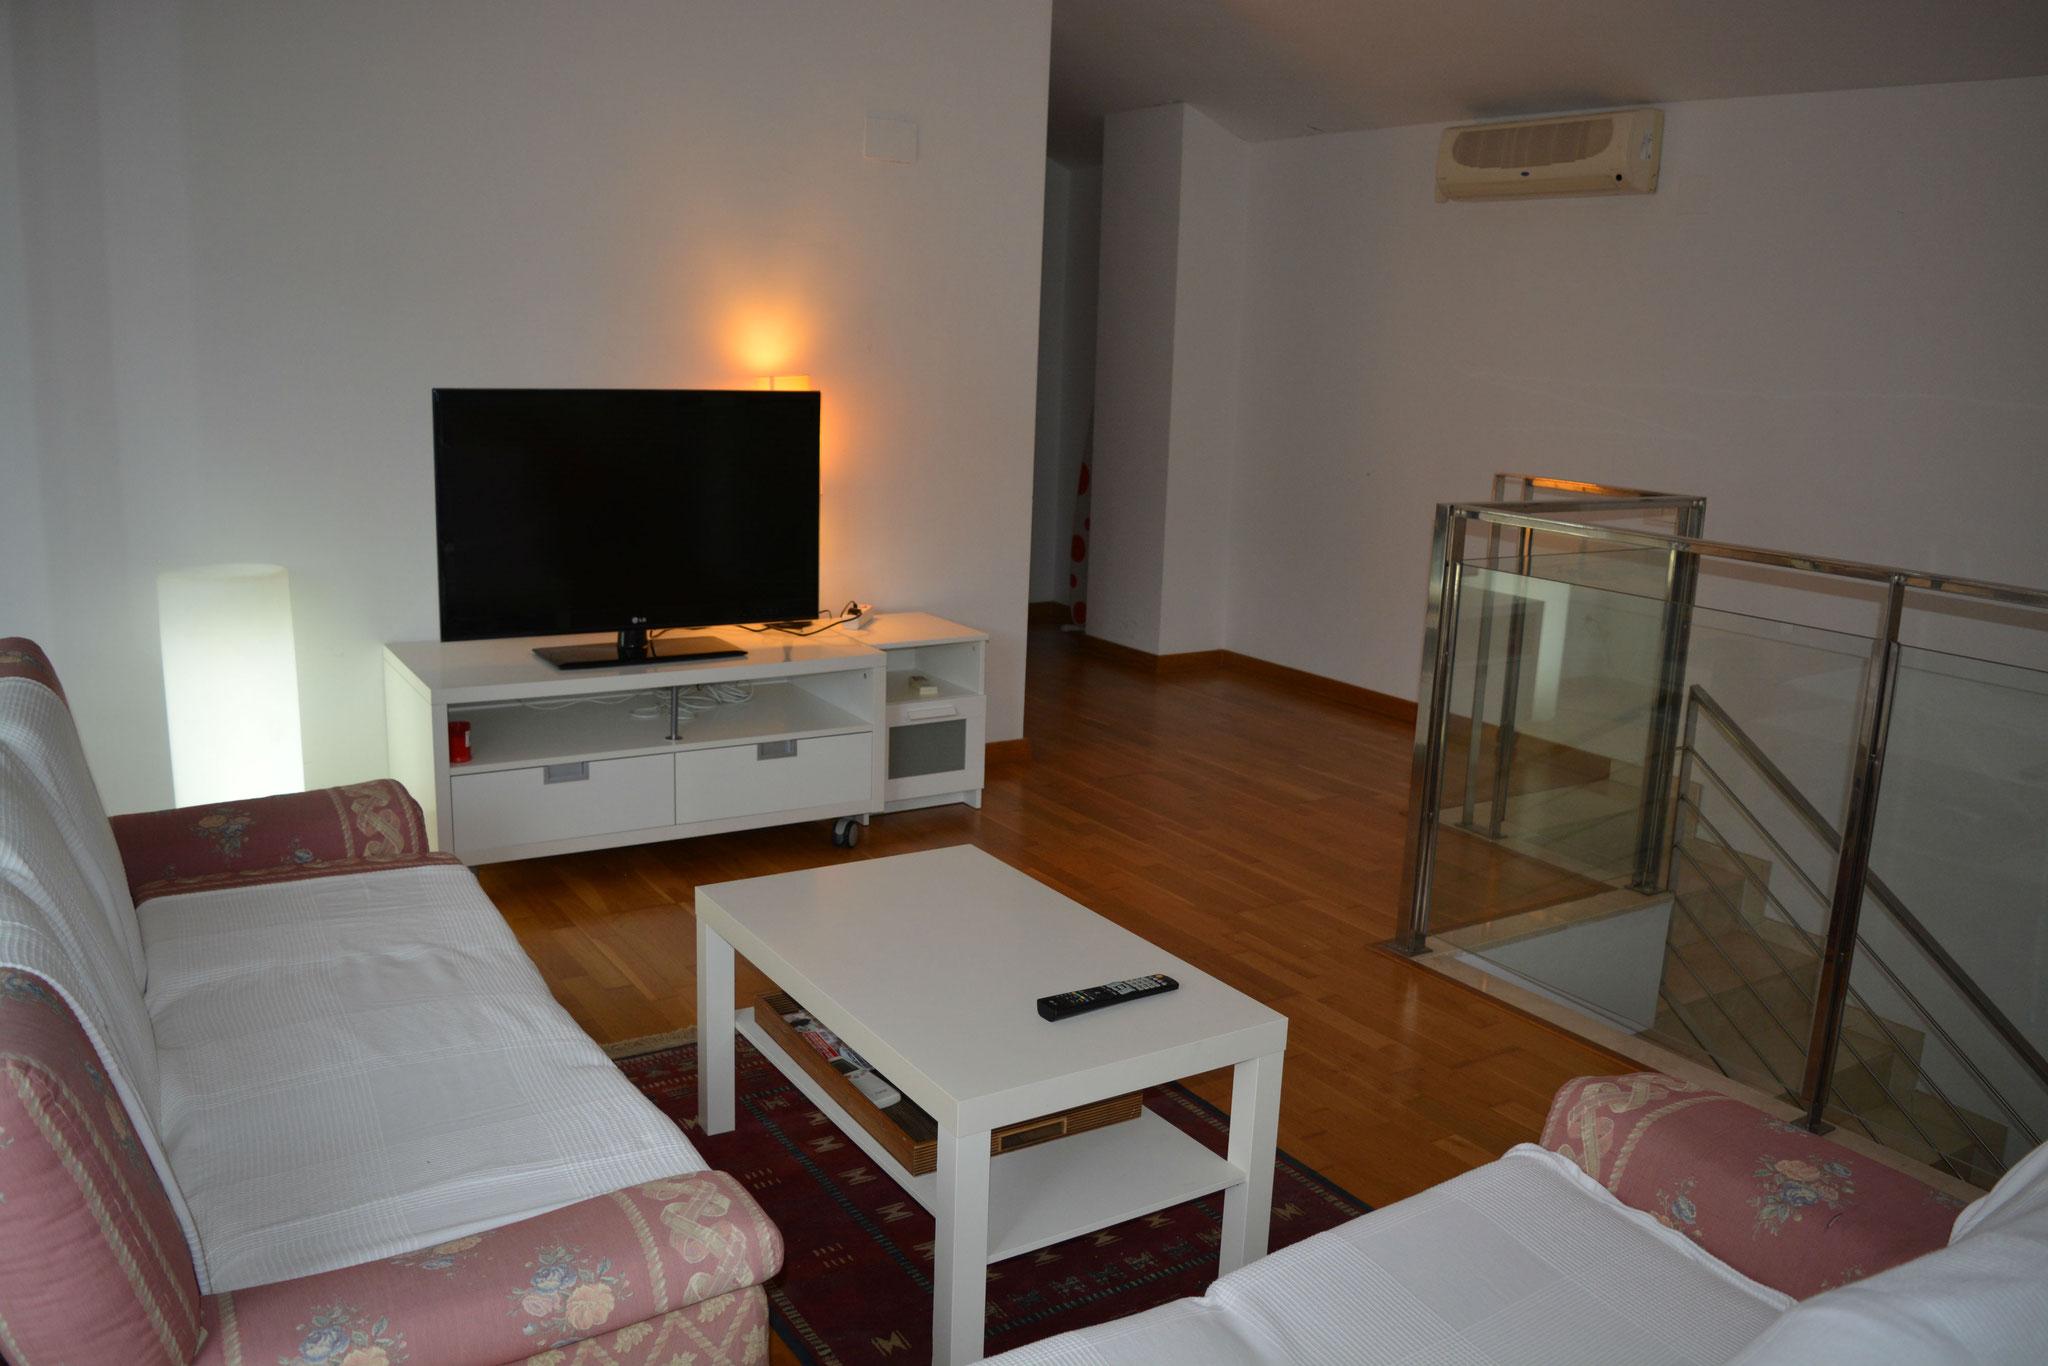 studio de chambre avec deux lits et une terrasse avec solarium